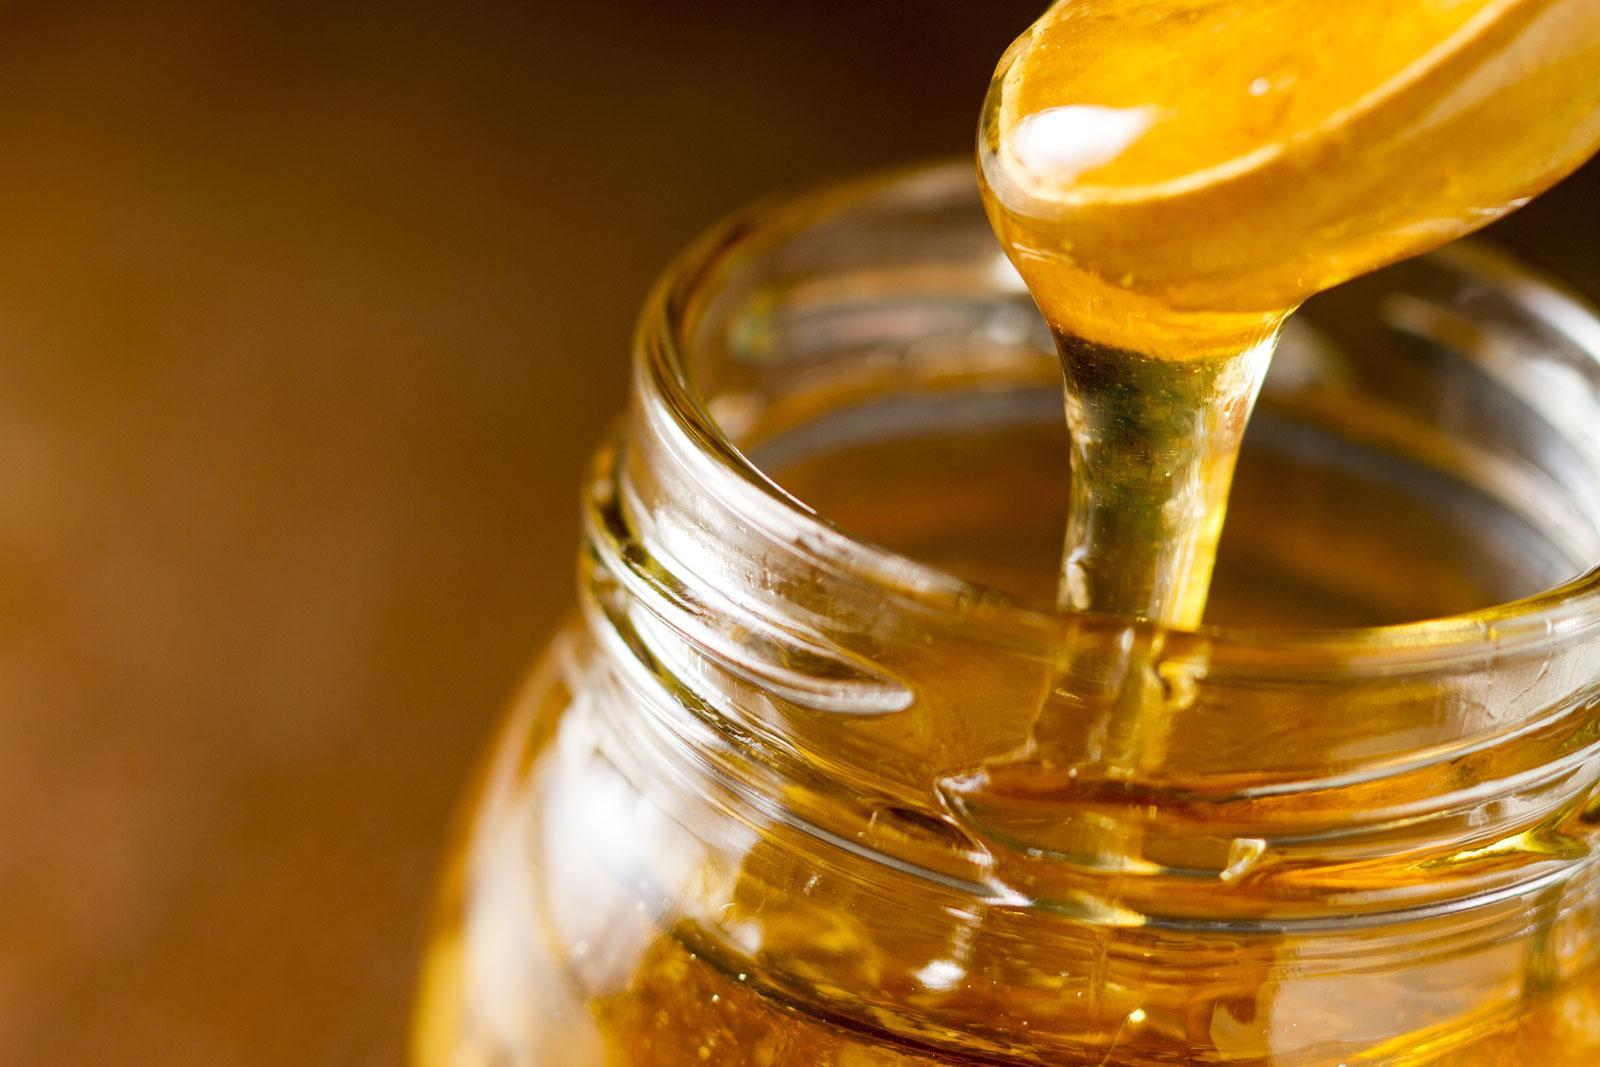 Ανάκληση ΕΦΕΤ : Ανακαλείται  πασίγνωστο μέλι - MHN το καταναλώσετε